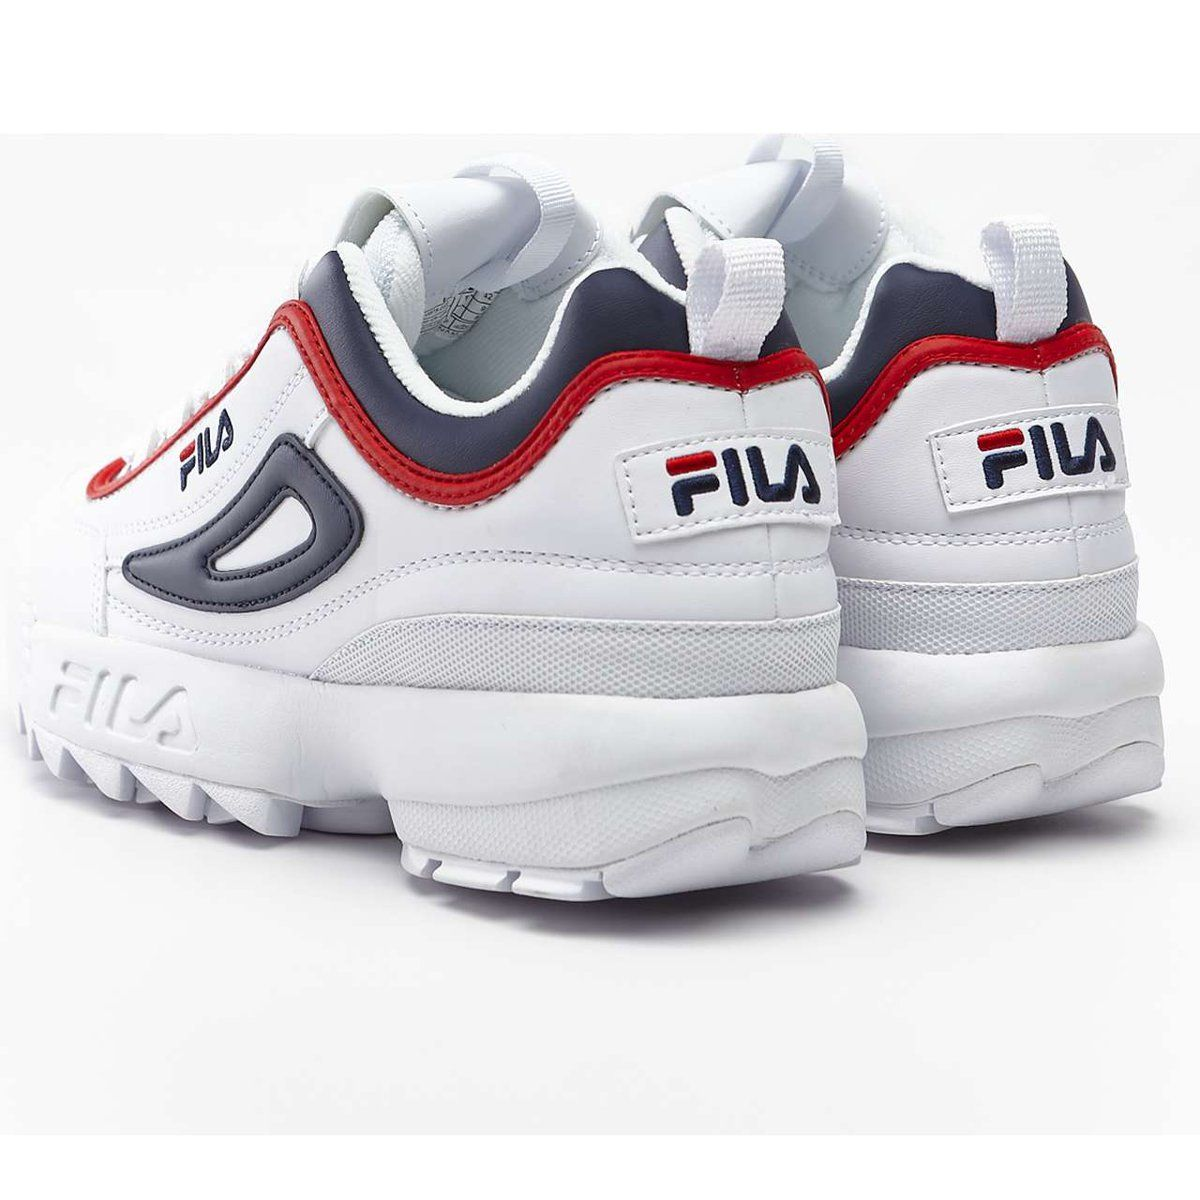 Sportowe Damskie Fila Wielokolorowe Disruptor Cb Low White Fila Navy Fila Red